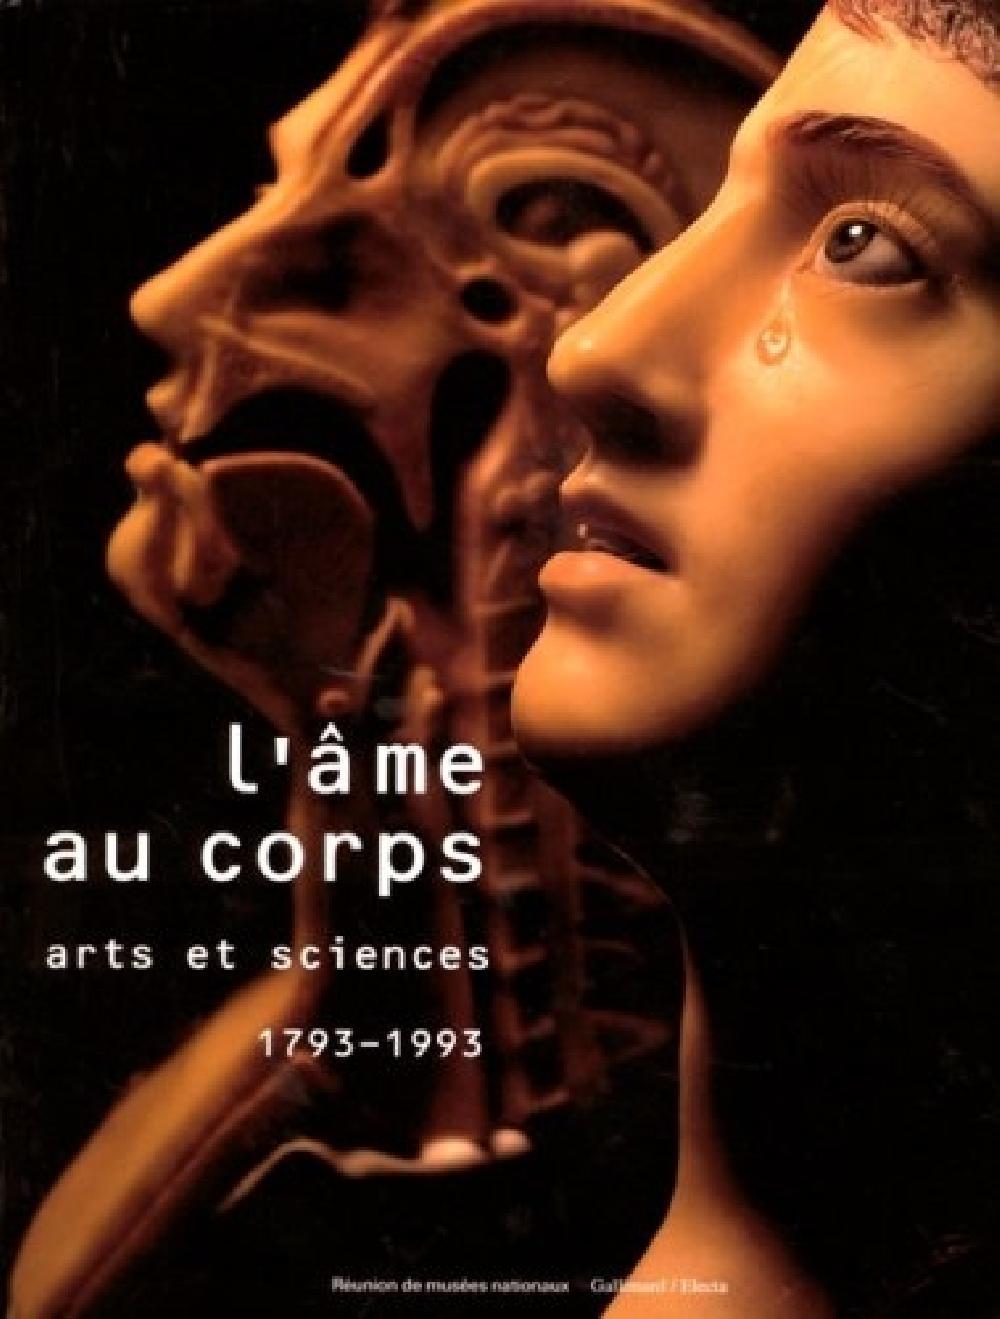 L'âme au corps - Arts et sciences, 1793-1993